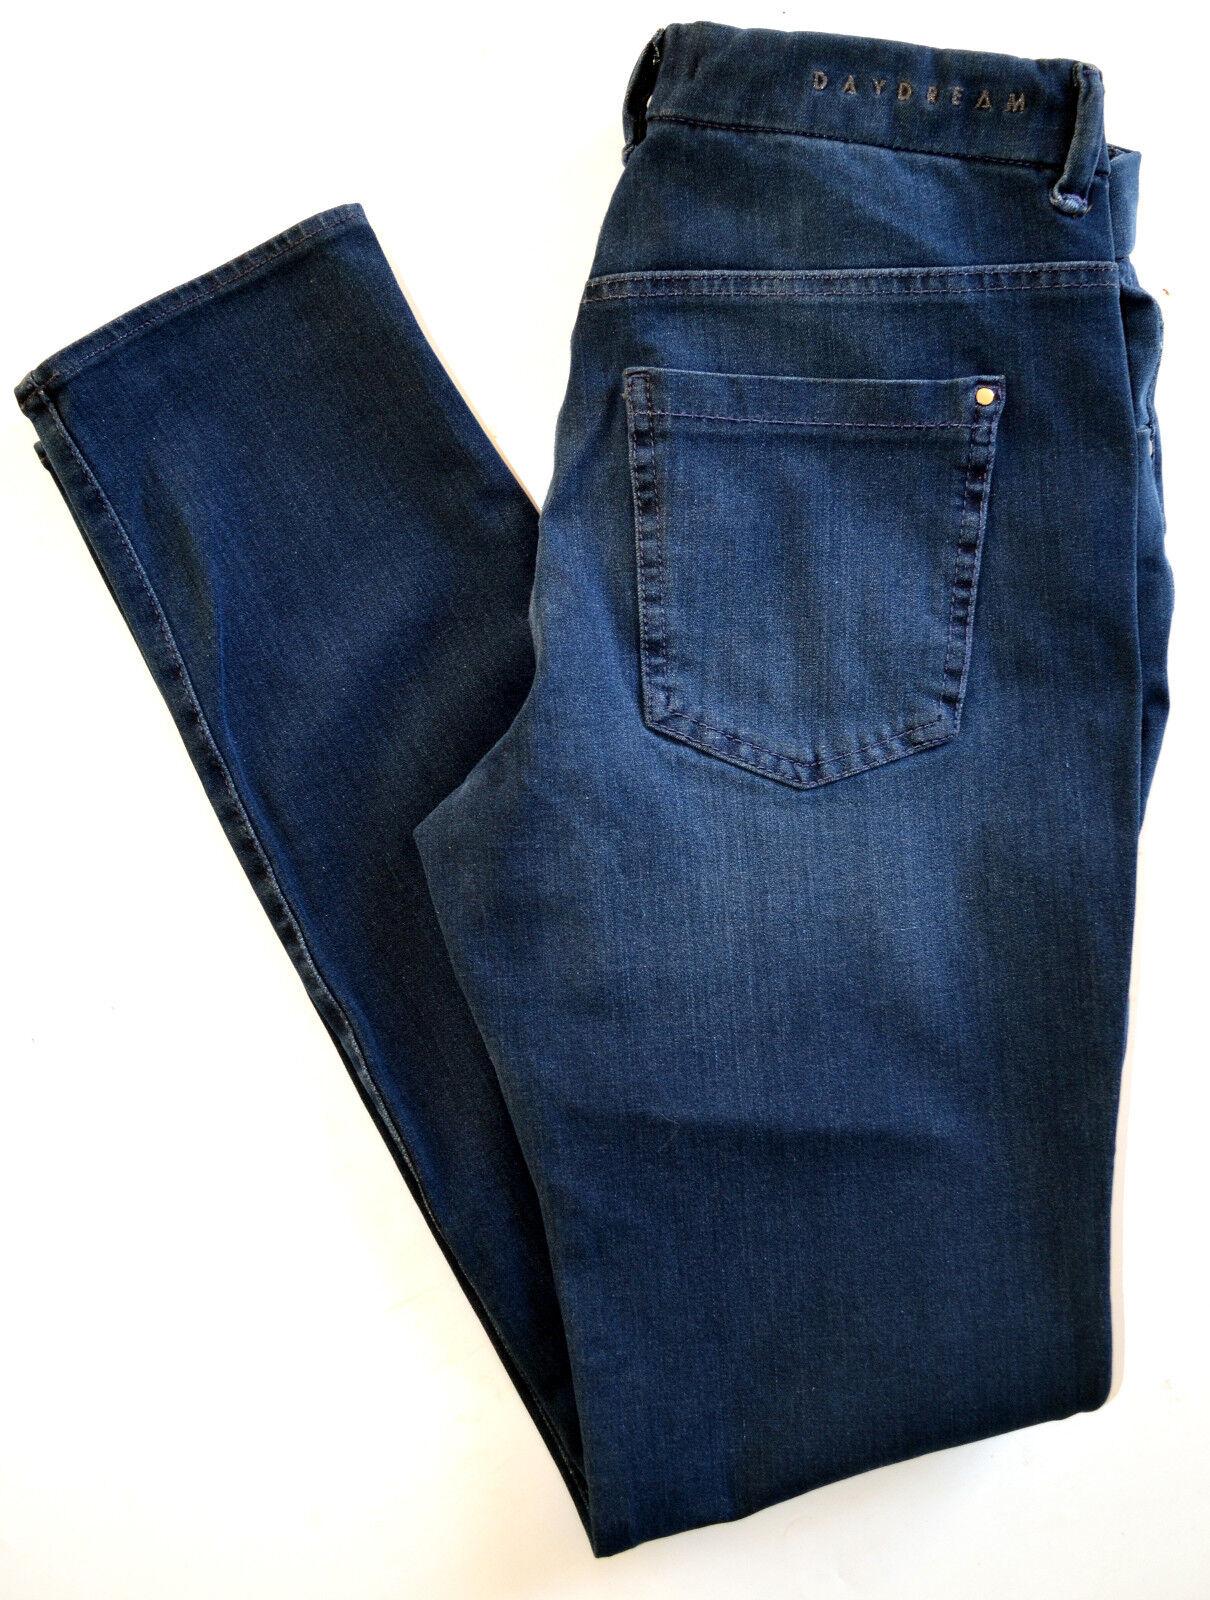 MAC Jeans DAYDREAM SKINNY Ankle Dream blue Bi- Stretch Röhre Gr.36 L 28 NEU